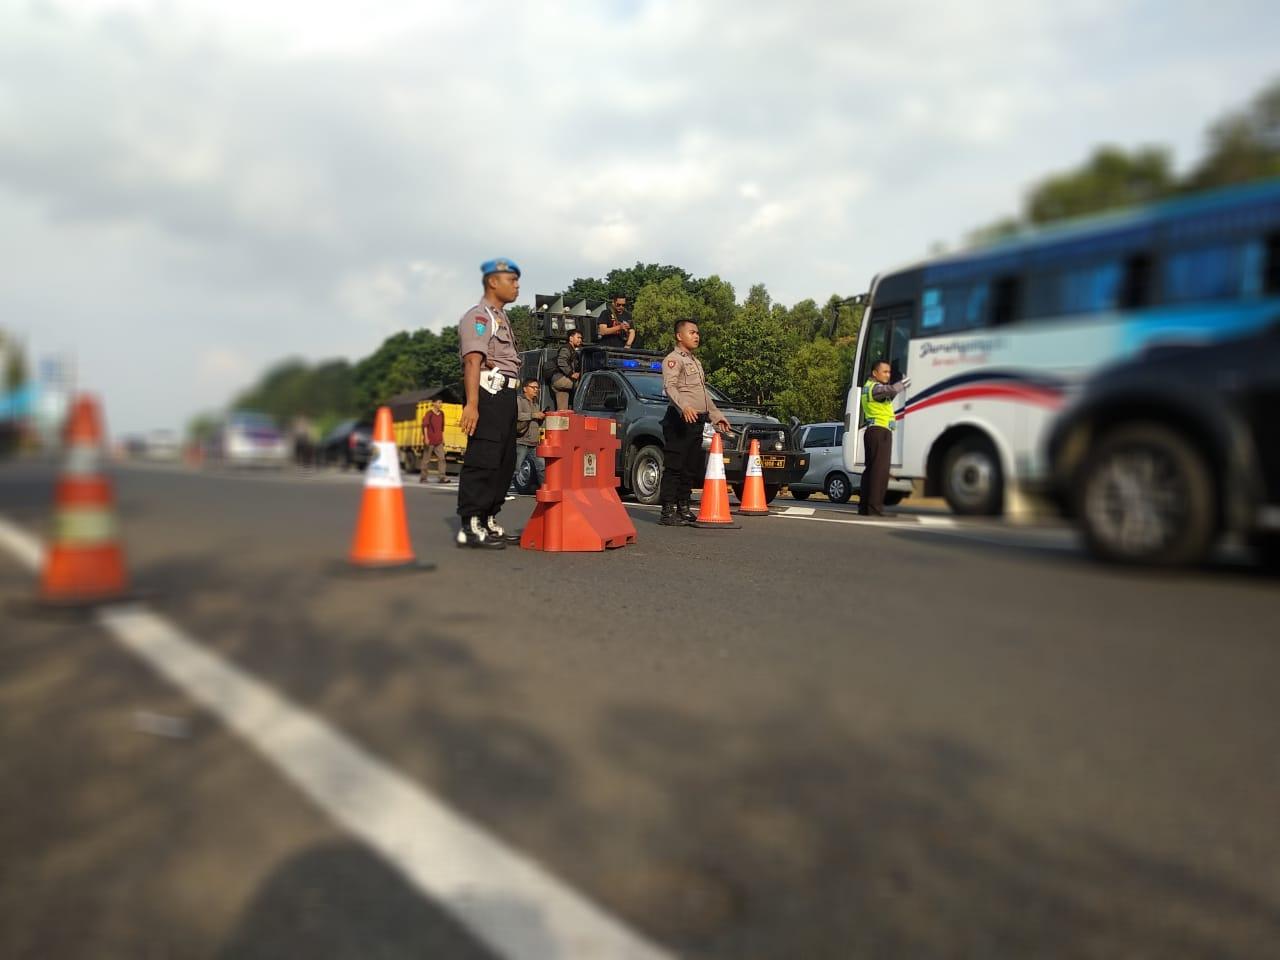 Petugas kepolisian sedang mengatur kendaraan roda empat di Rest Area 207 A, Kecamatan Mundu, Kabupaten Cirebon. Foto: Alwi